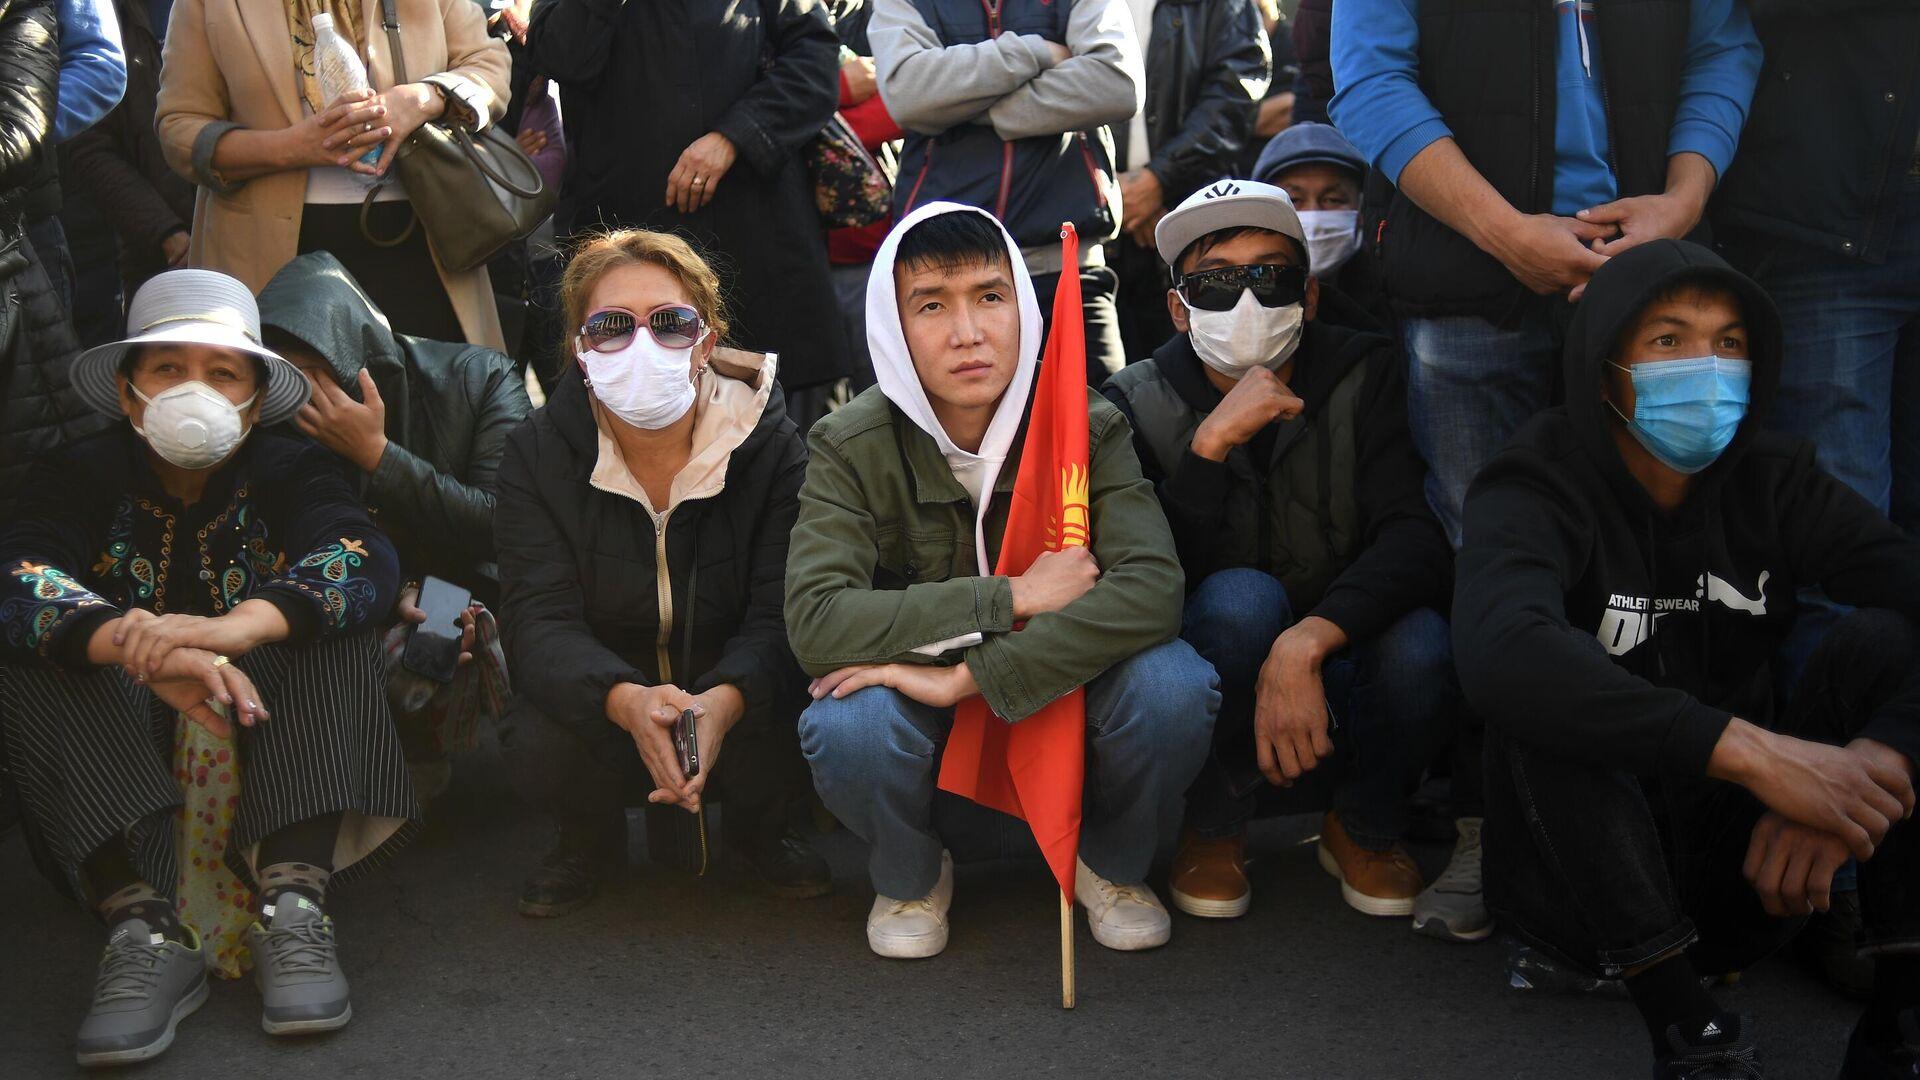 Участники митинга на Старой площади в Бишкеке - РИА Новости, 1920, 15.10.2020